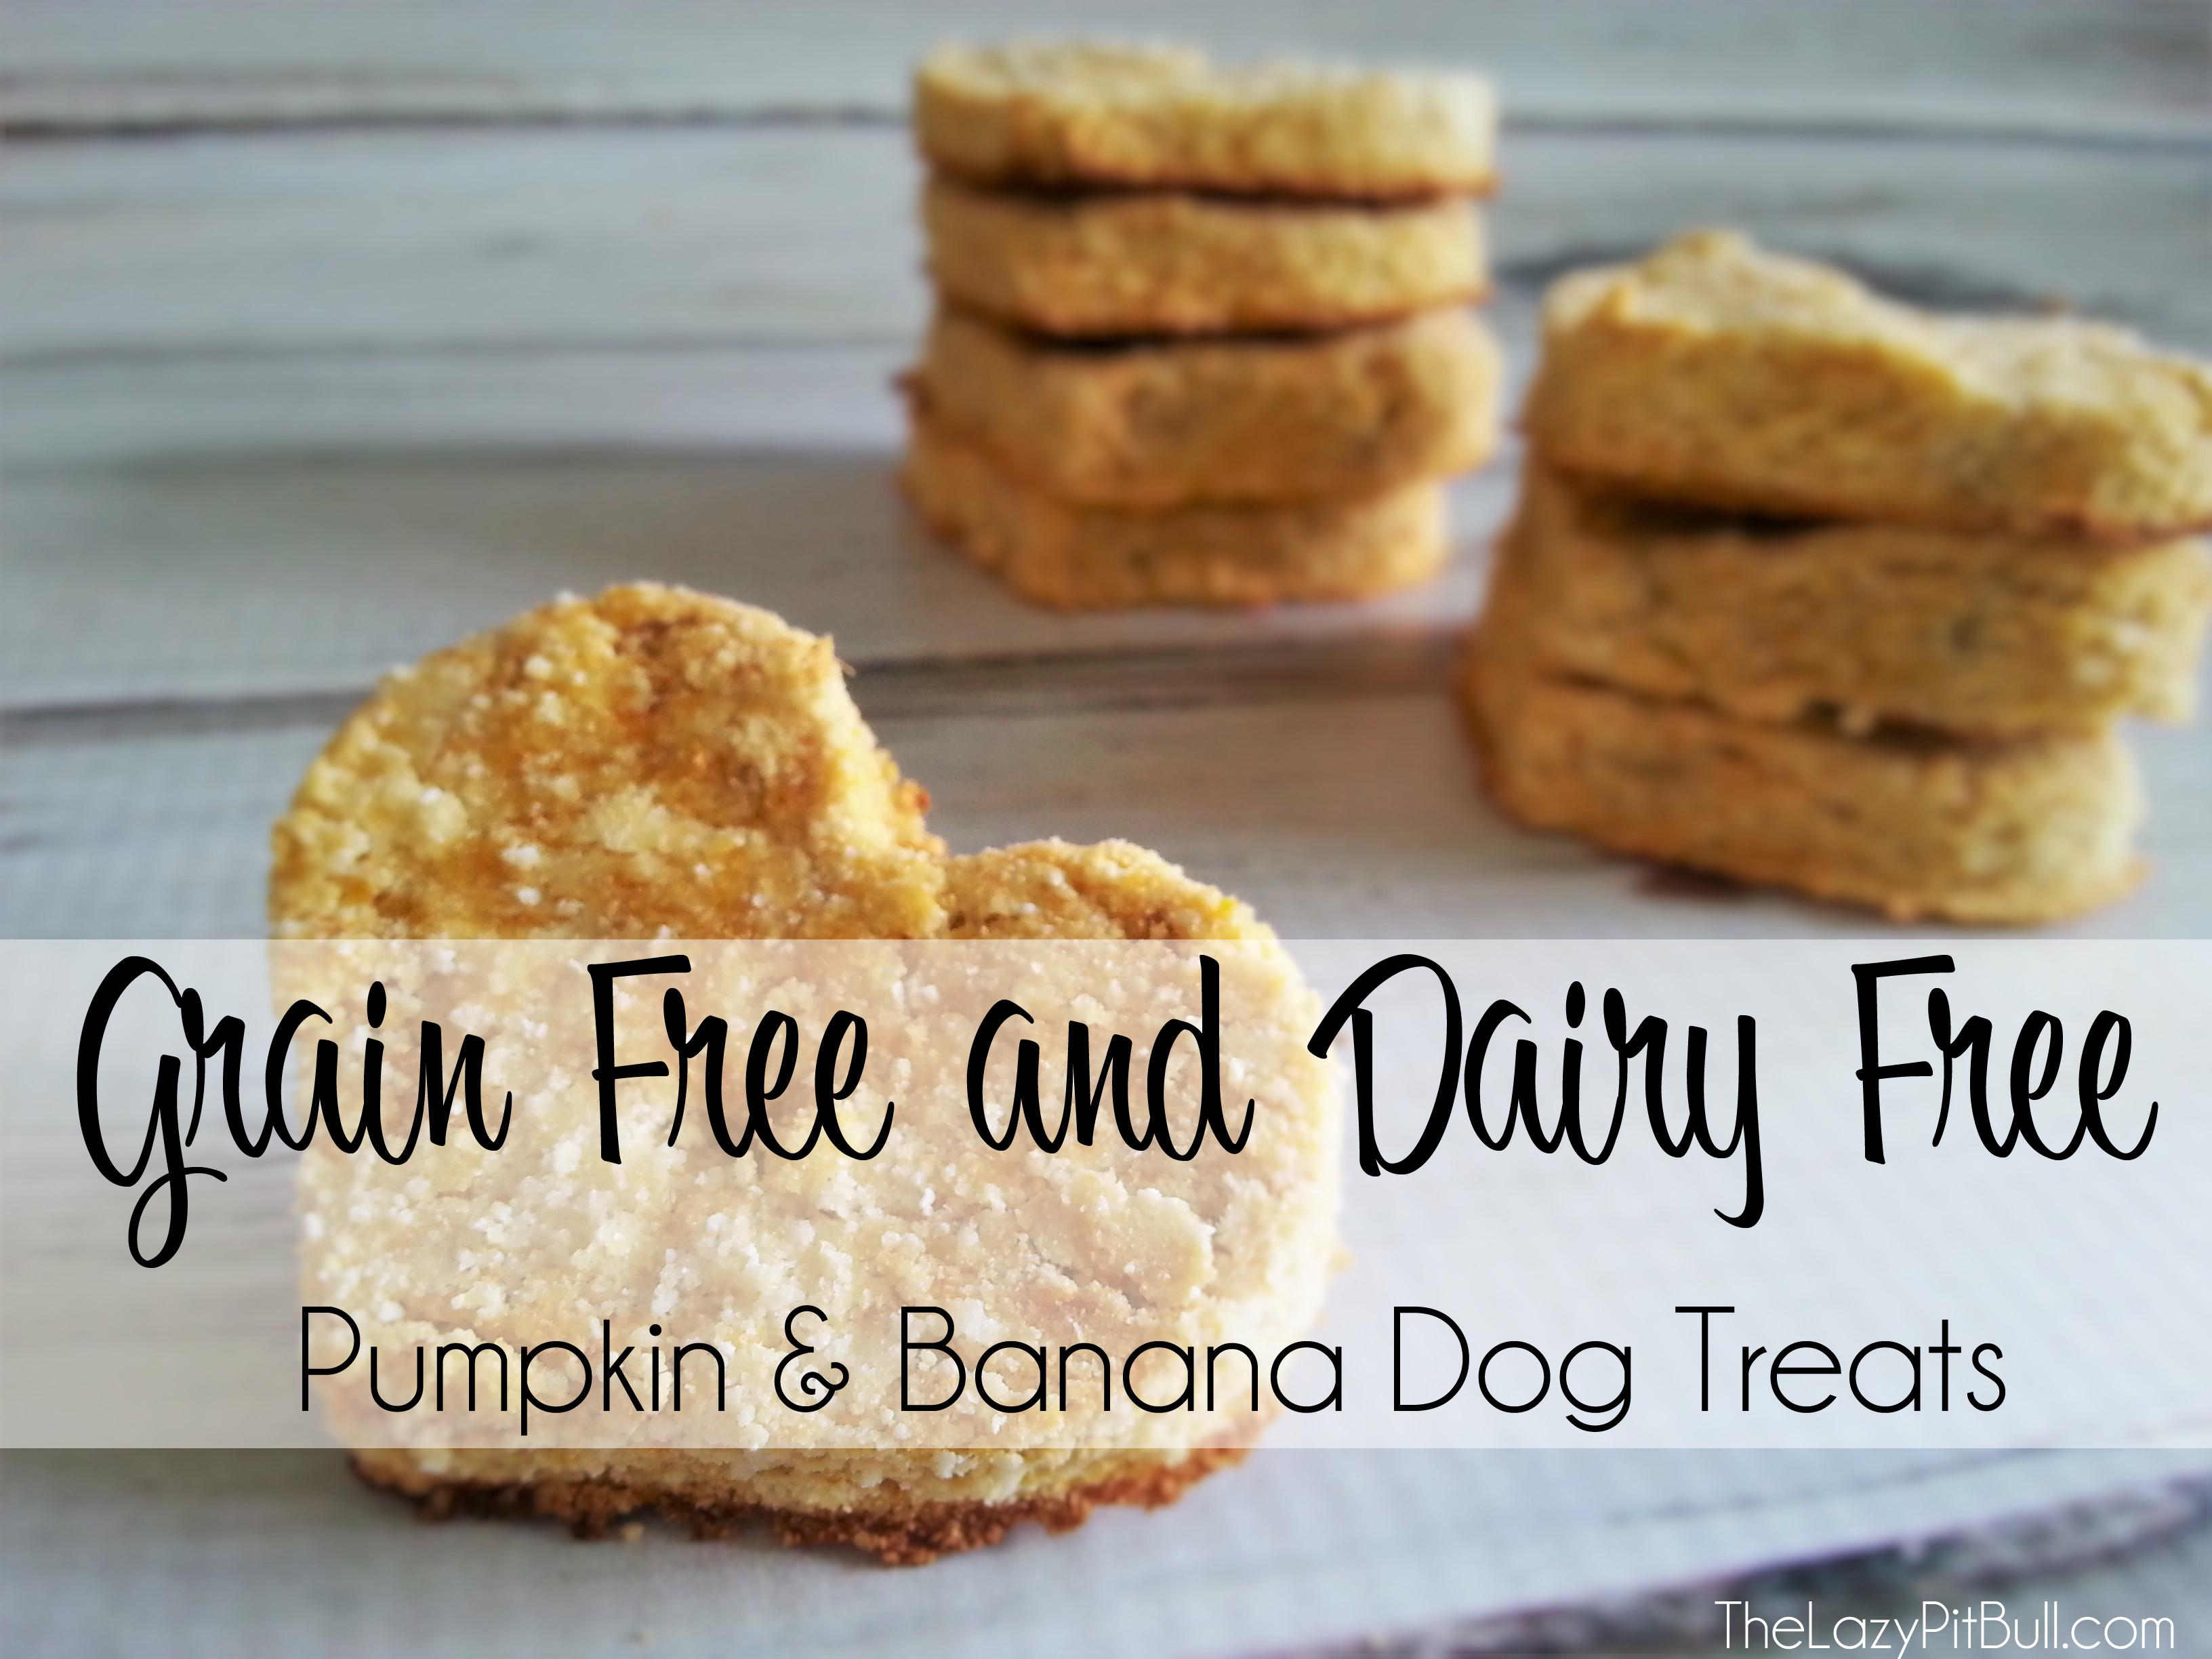 Pumpkin and Banana Dog Treats from TheLazyPitBull.com